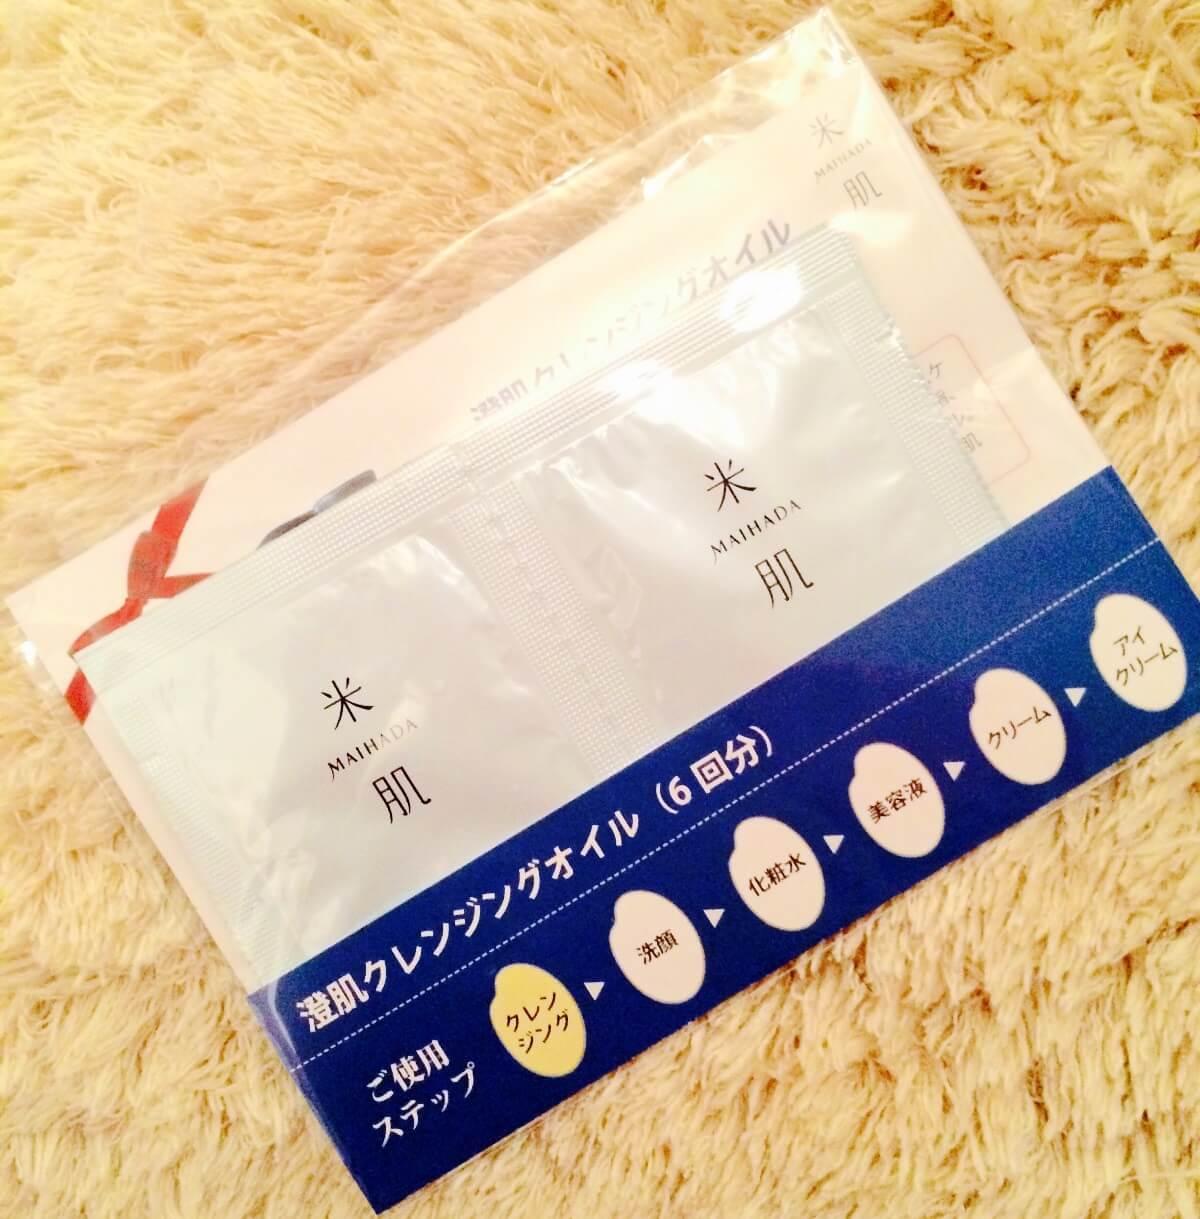 米肌 MAIHADA 澄肌CCクリーム SPF50+ PA++++の画像